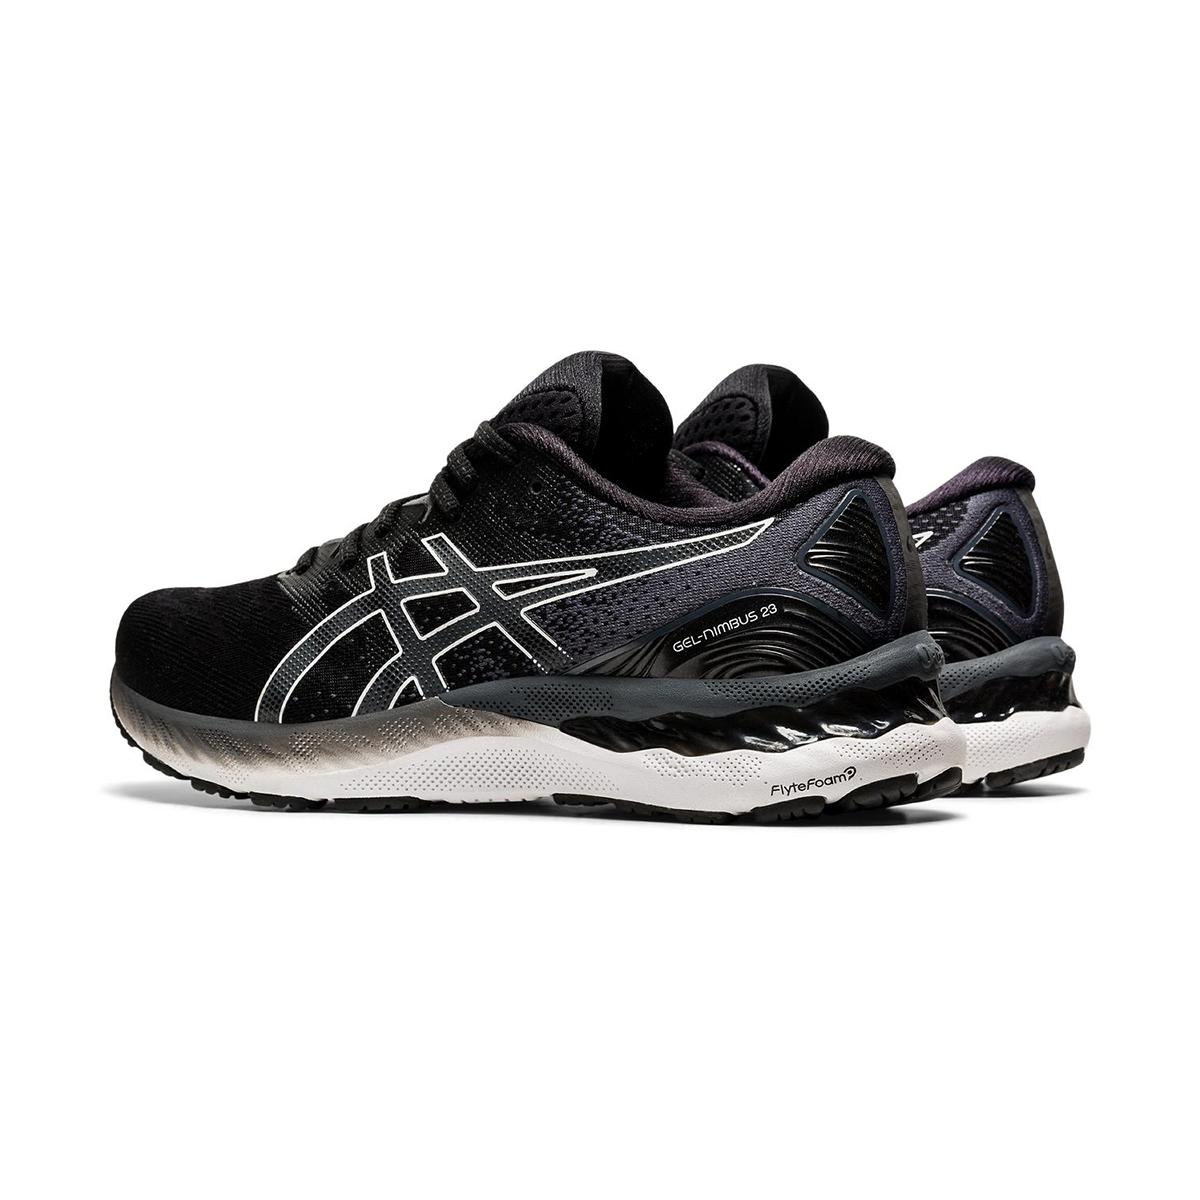 Men's Asics GEL-Nimbus 23 Running Shoe, , large, image 4